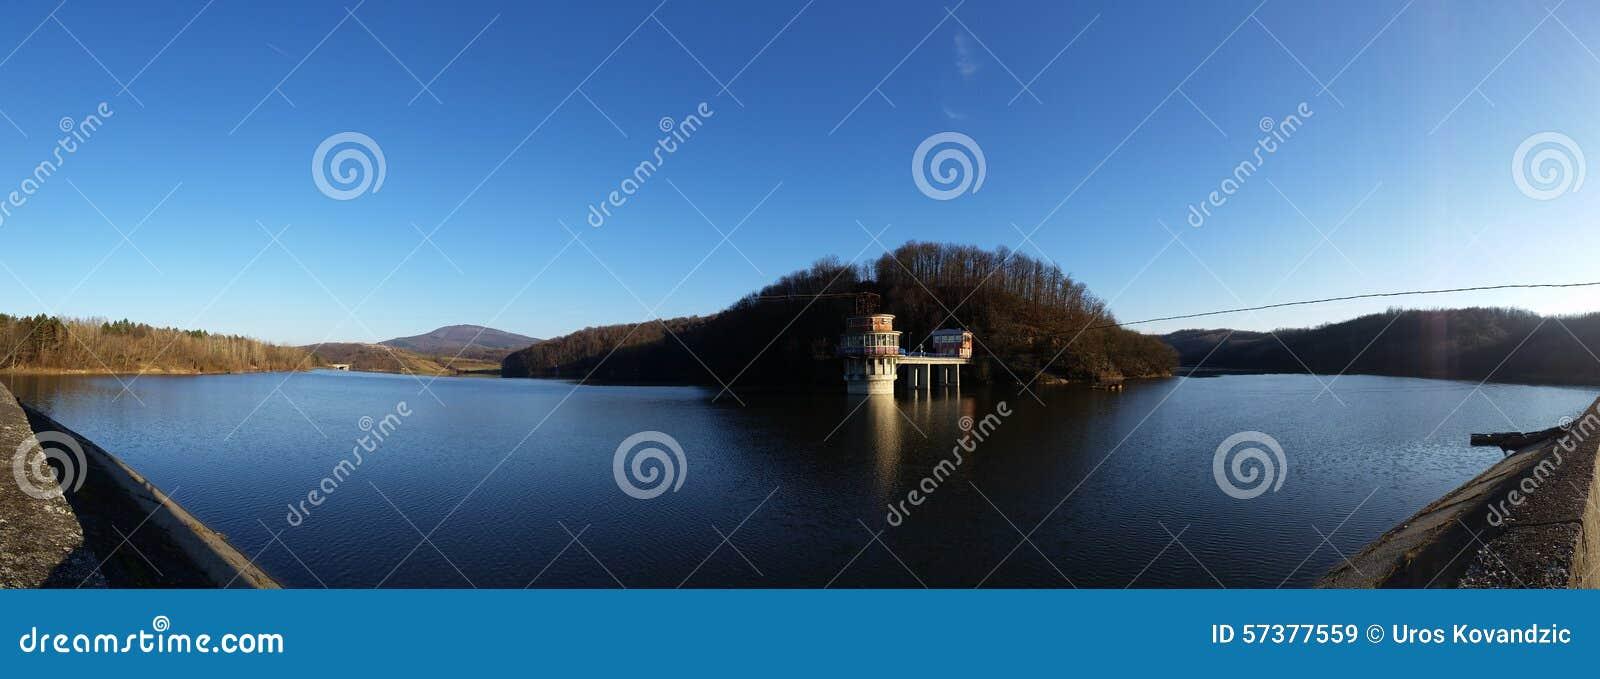 Panorama van weinig meer